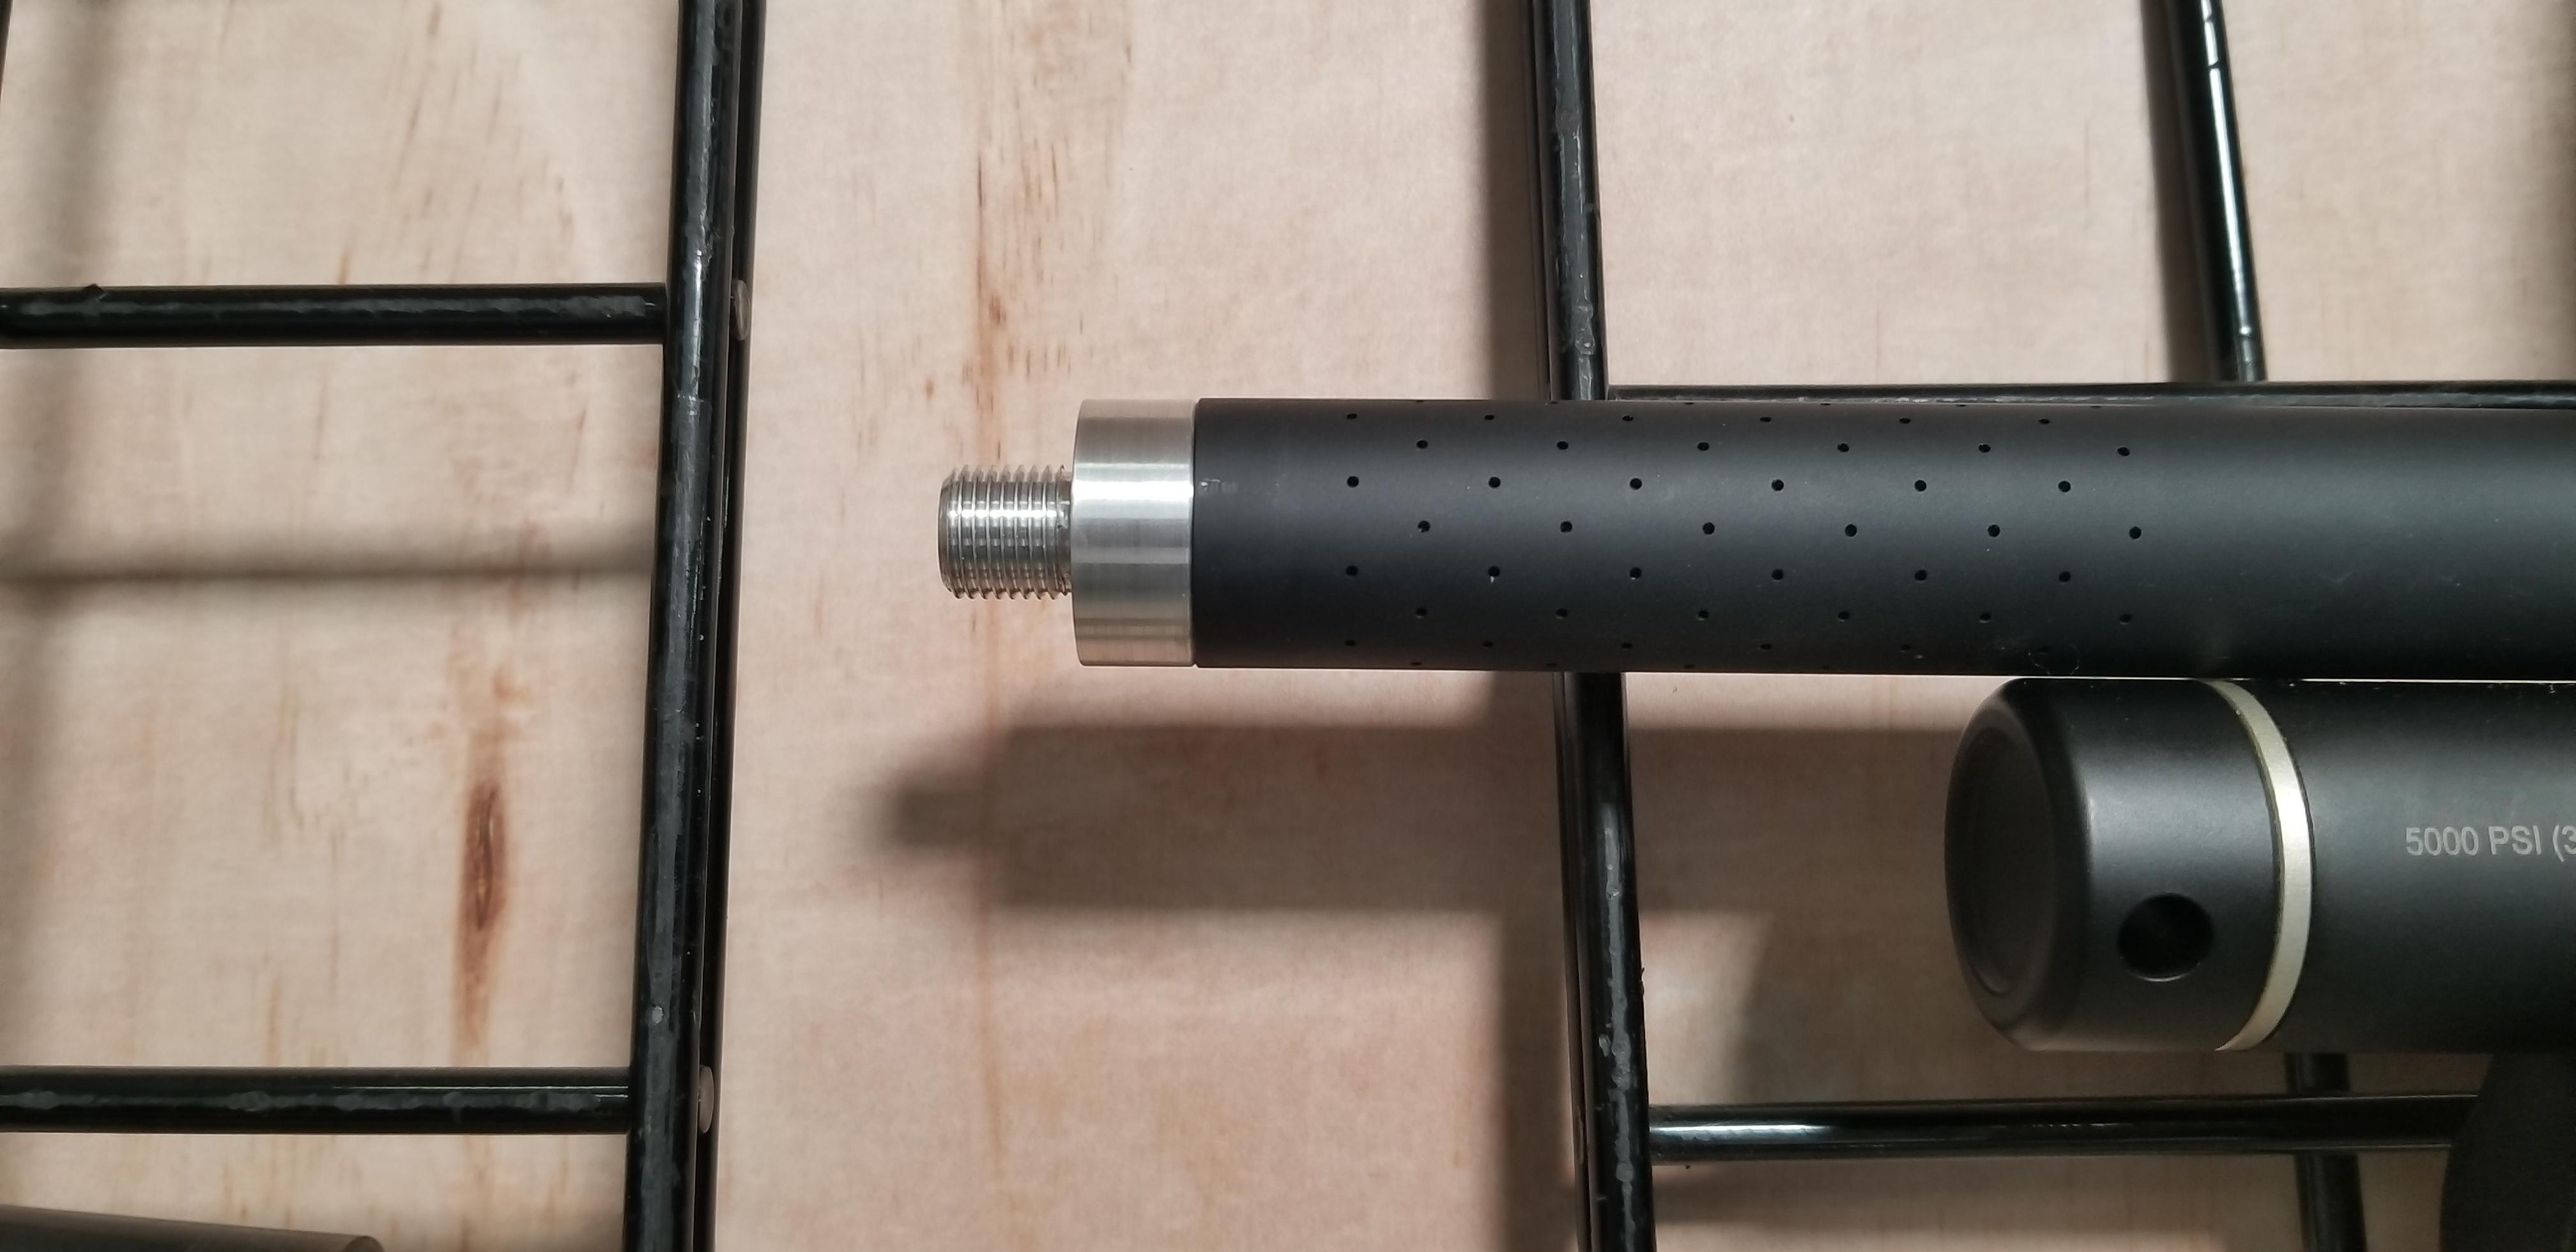 HUBEN 1/2 x 20 LDC Adapters   Dealer Classifieds, Specials